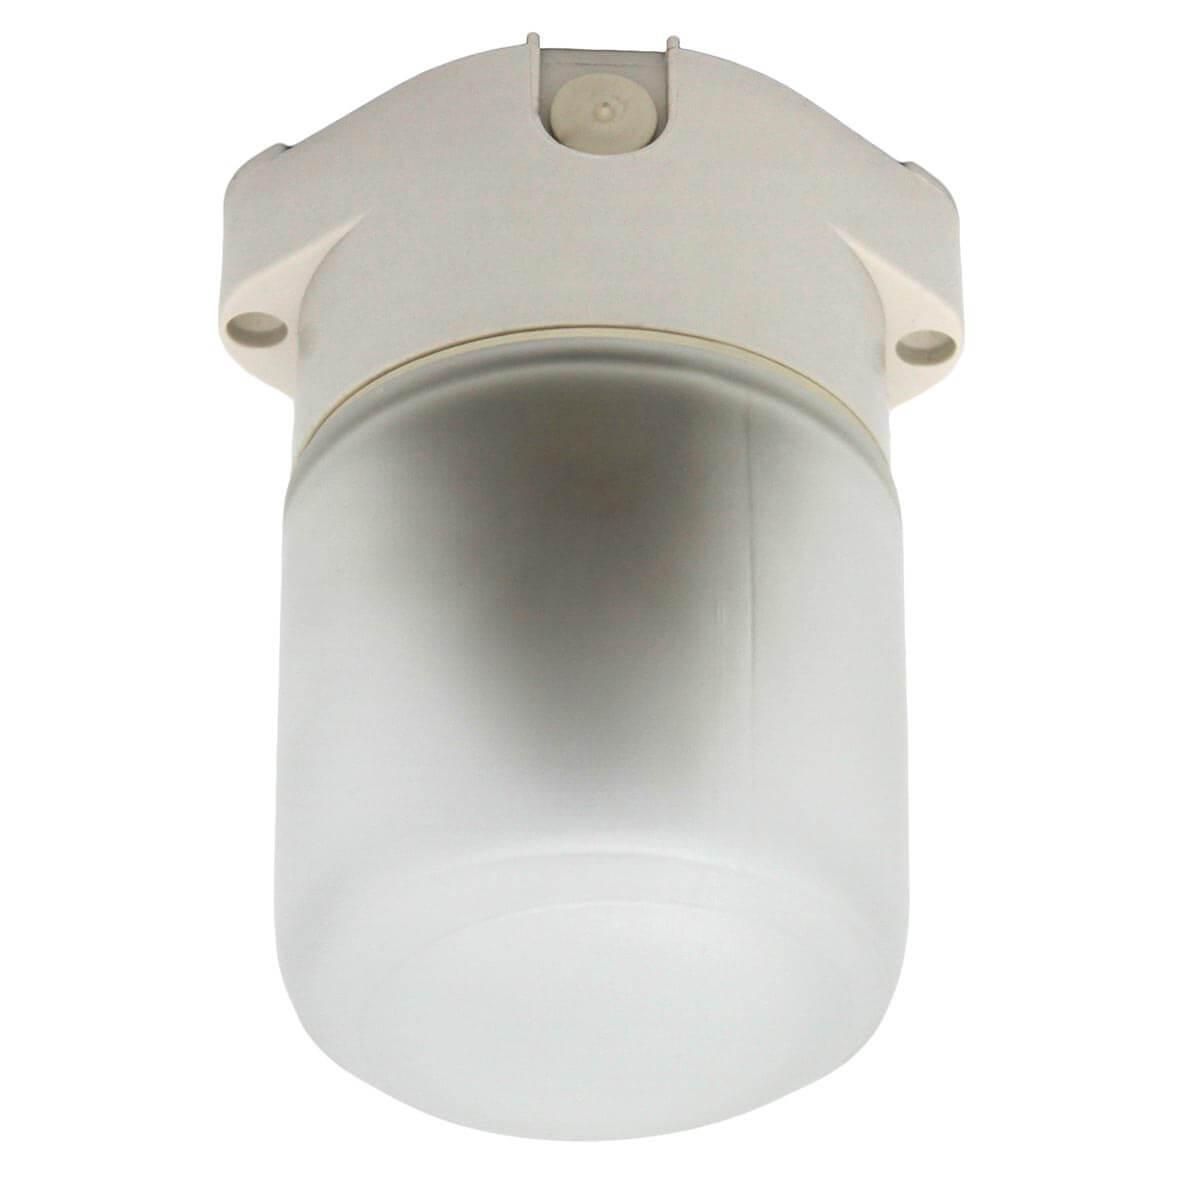 Потолочный светильник ЭРА Лидер НББ 01-60-001 Б0048030